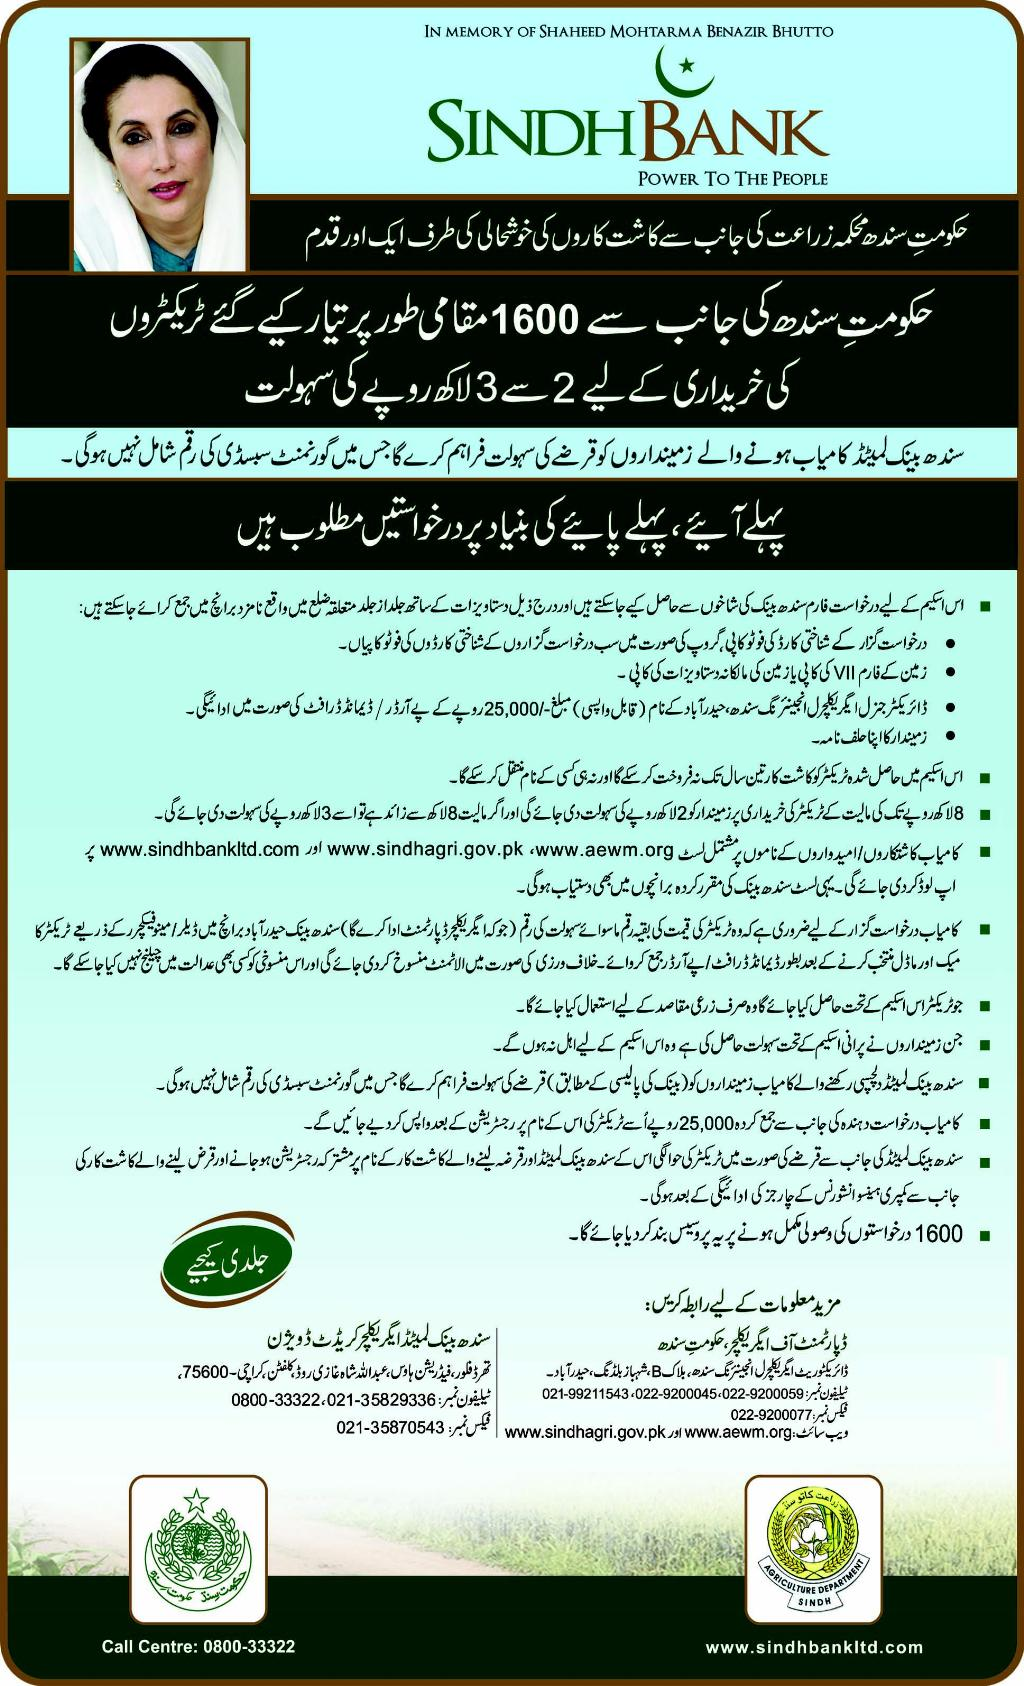 Sindh Bank Tractor Scheme Form 2019 Download Online